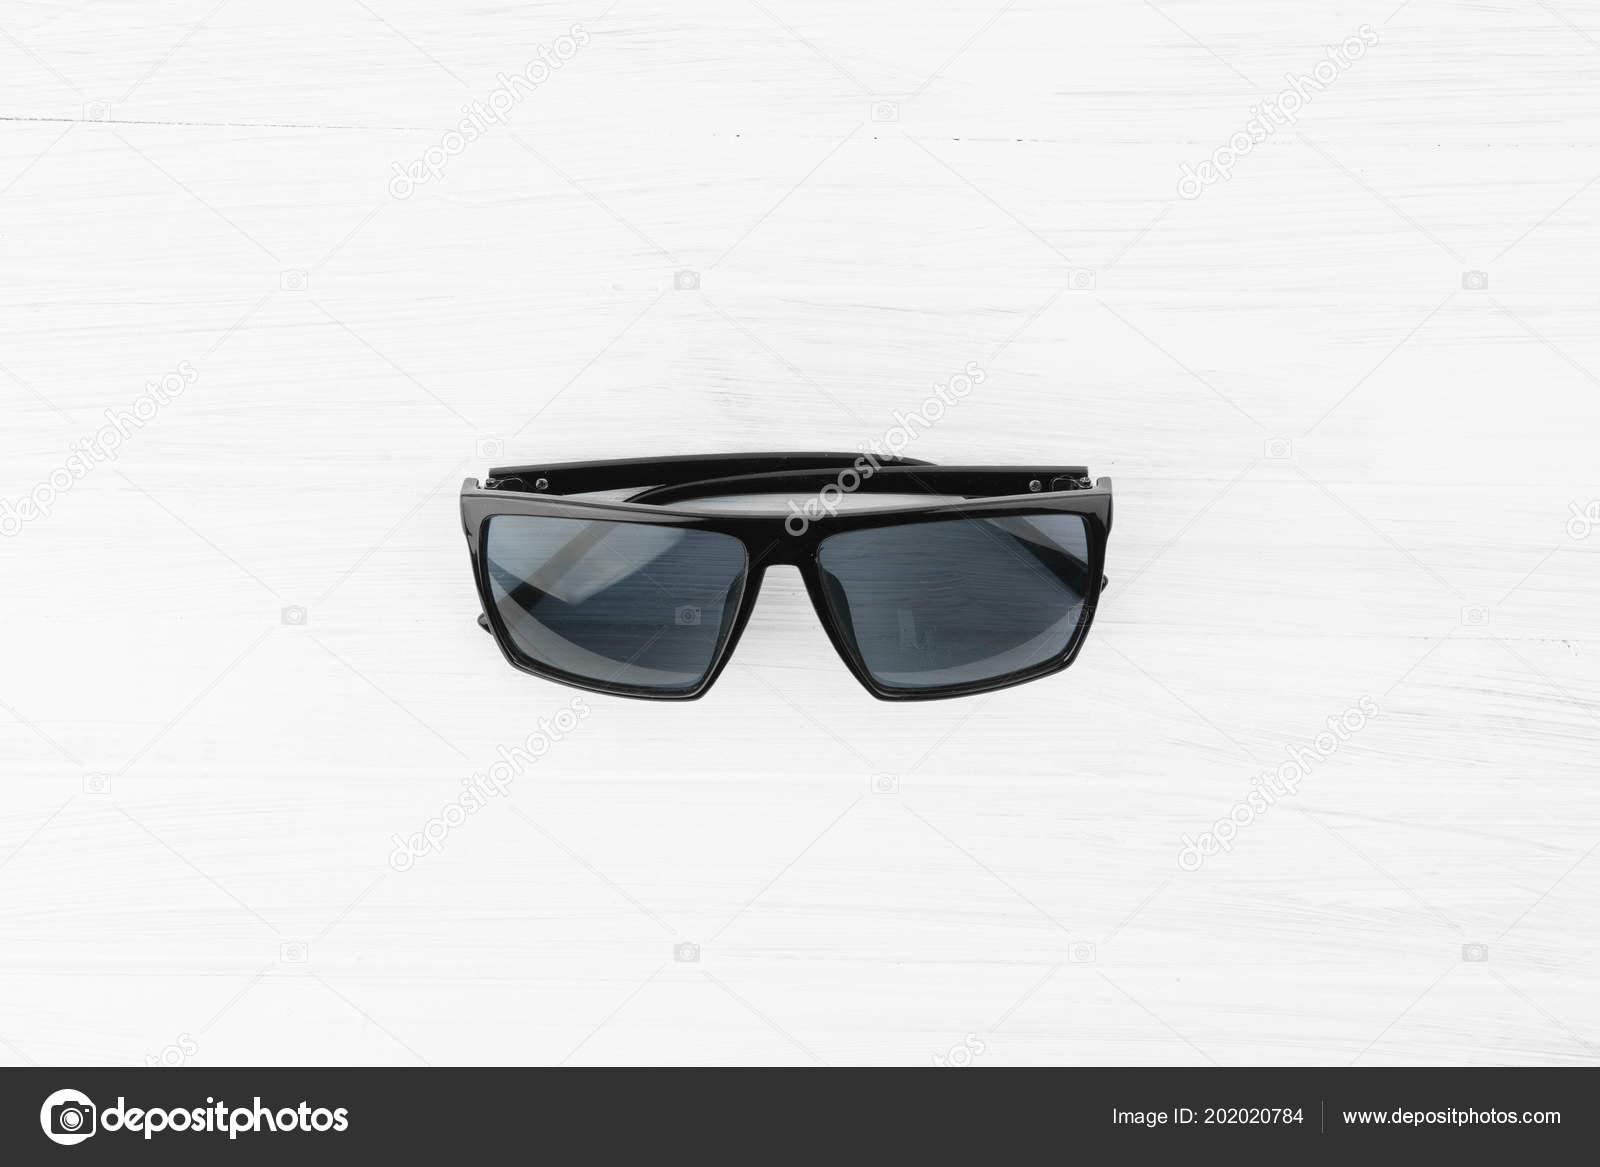 5bae7907e8 Gafas de sol elegantes negro con tinte azul sobre fondo blanco de madera  superior ángulo visión — Foto de ...